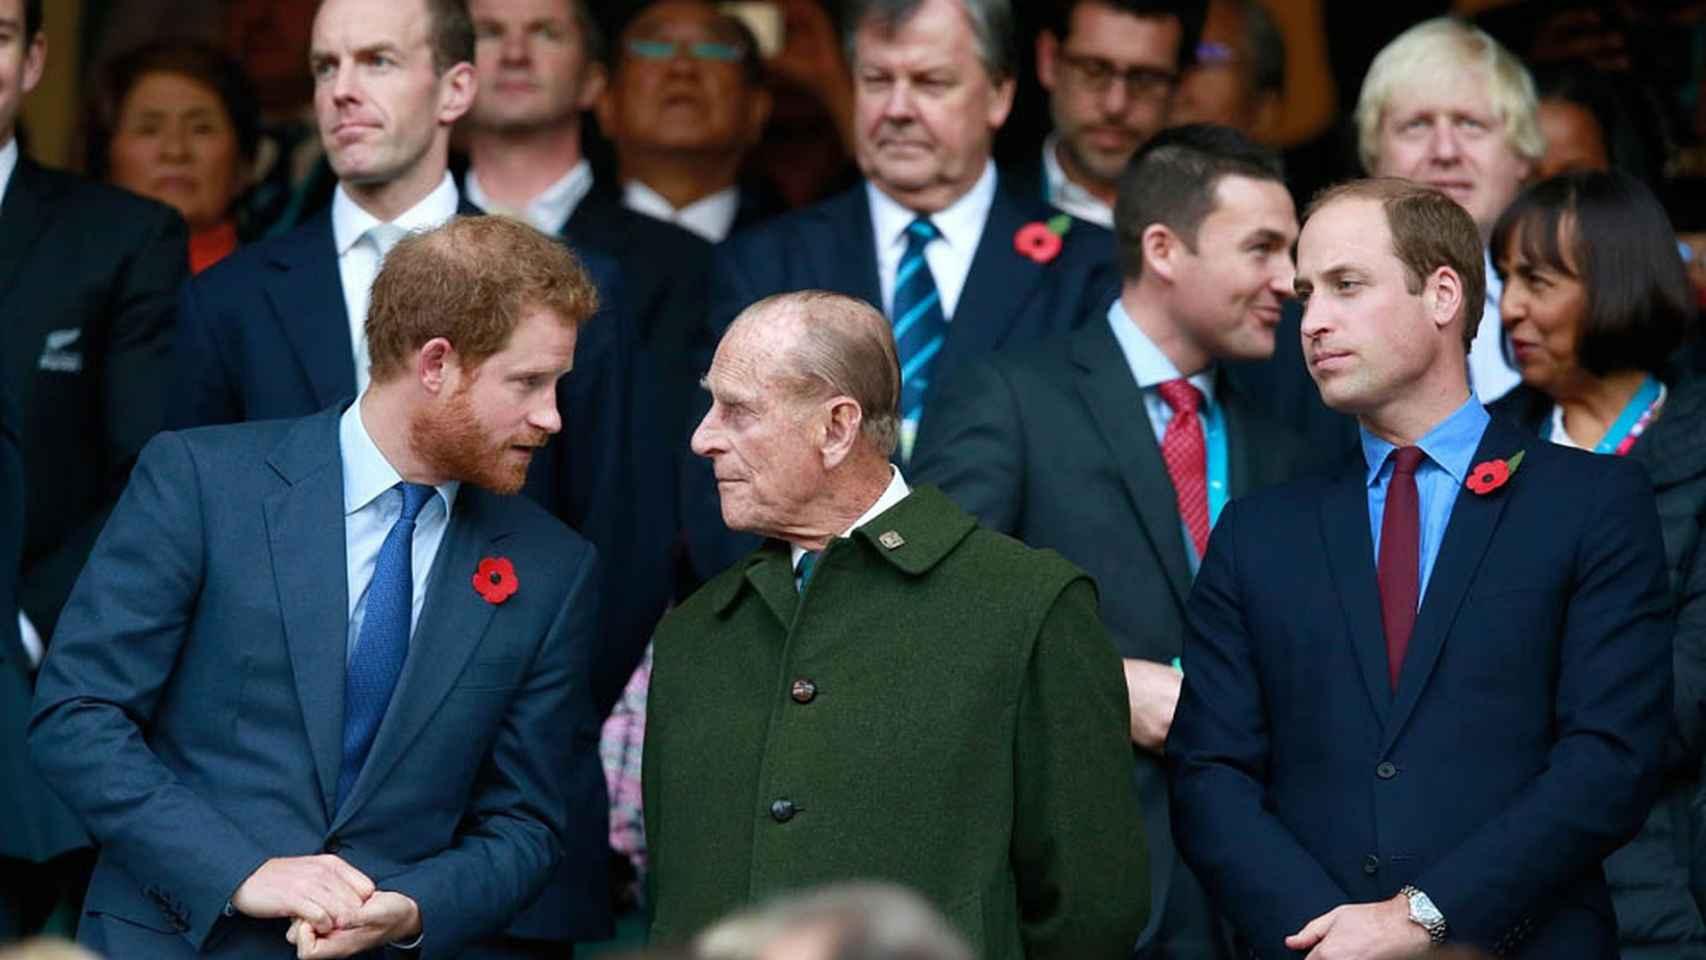 Los príncipes Harry y William con su abuelo el príncipe Philip en la final del mundo de rugby